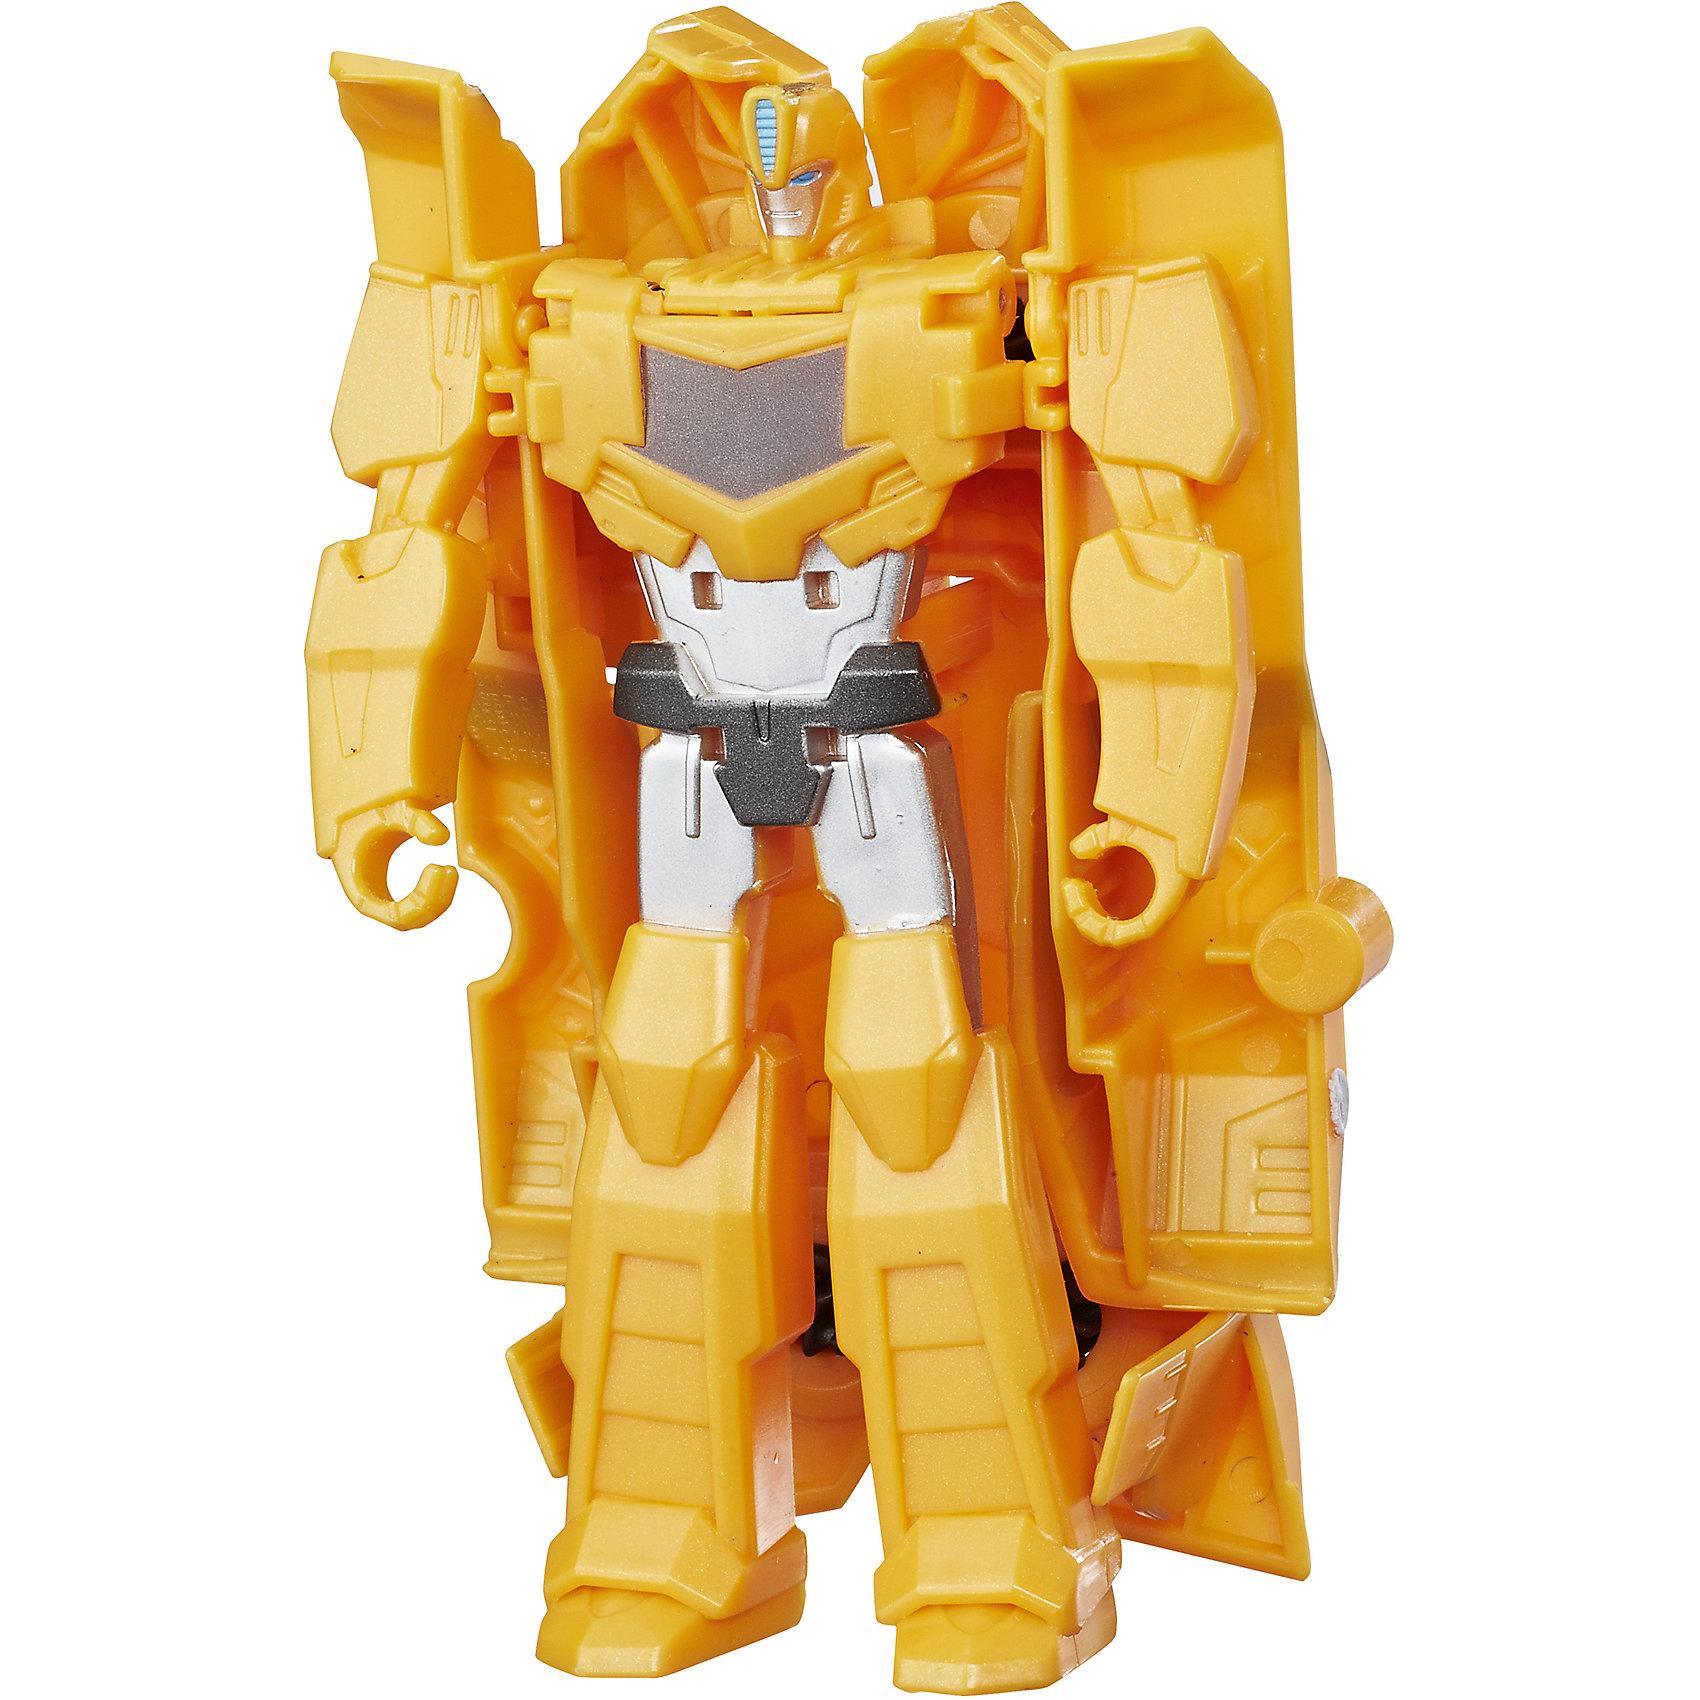 Трансформеры Роботс-ин-Дисгайс Уан-Стэп, B0068/C0646Любимые герои<br>Характеристики:<br><br>• Материал: пластик<br>• Комплектация: робот-трансформер, аксессуары<br>• Высота робота ?11 см<br>• Трансформируется в гоночную машину за 1 шаг<br>• На игрушке имеется сканируемый жетон<br>• Вес в упаковке: 97 г<br>• Размеры упаковки (Г*Ш*В): 17,6*15,2*4,8 см<br>• Упаковка: блистер на картонной подложке<br><br>Роботы этой коллекции за один шаг трансформируются в гоночные автомобили с инерционным механизмом. Фигурки героев выполнены из твердого пластика, устойчивого к повреждениям и трещинам, детали окрашены нетоксичной краской без запаха. Робот выполнен с высокой степенью достоверности и соответствия облику своего экранного прототипа. <br><br>Трансформеры Роботс-ин-Дисгайс Уан-Стэп, B0068/C0646 можно купить в нашем интернет-магазине.<br><br>Ширина мм: 176<br>Глубина мм: 152<br>Высота мм: 48<br>Вес г: 97<br>Возраст от месяцев: 48<br>Возраст до месяцев: 2147483647<br>Пол: Мужской<br>Возраст: Детский<br>SKU: 5488317